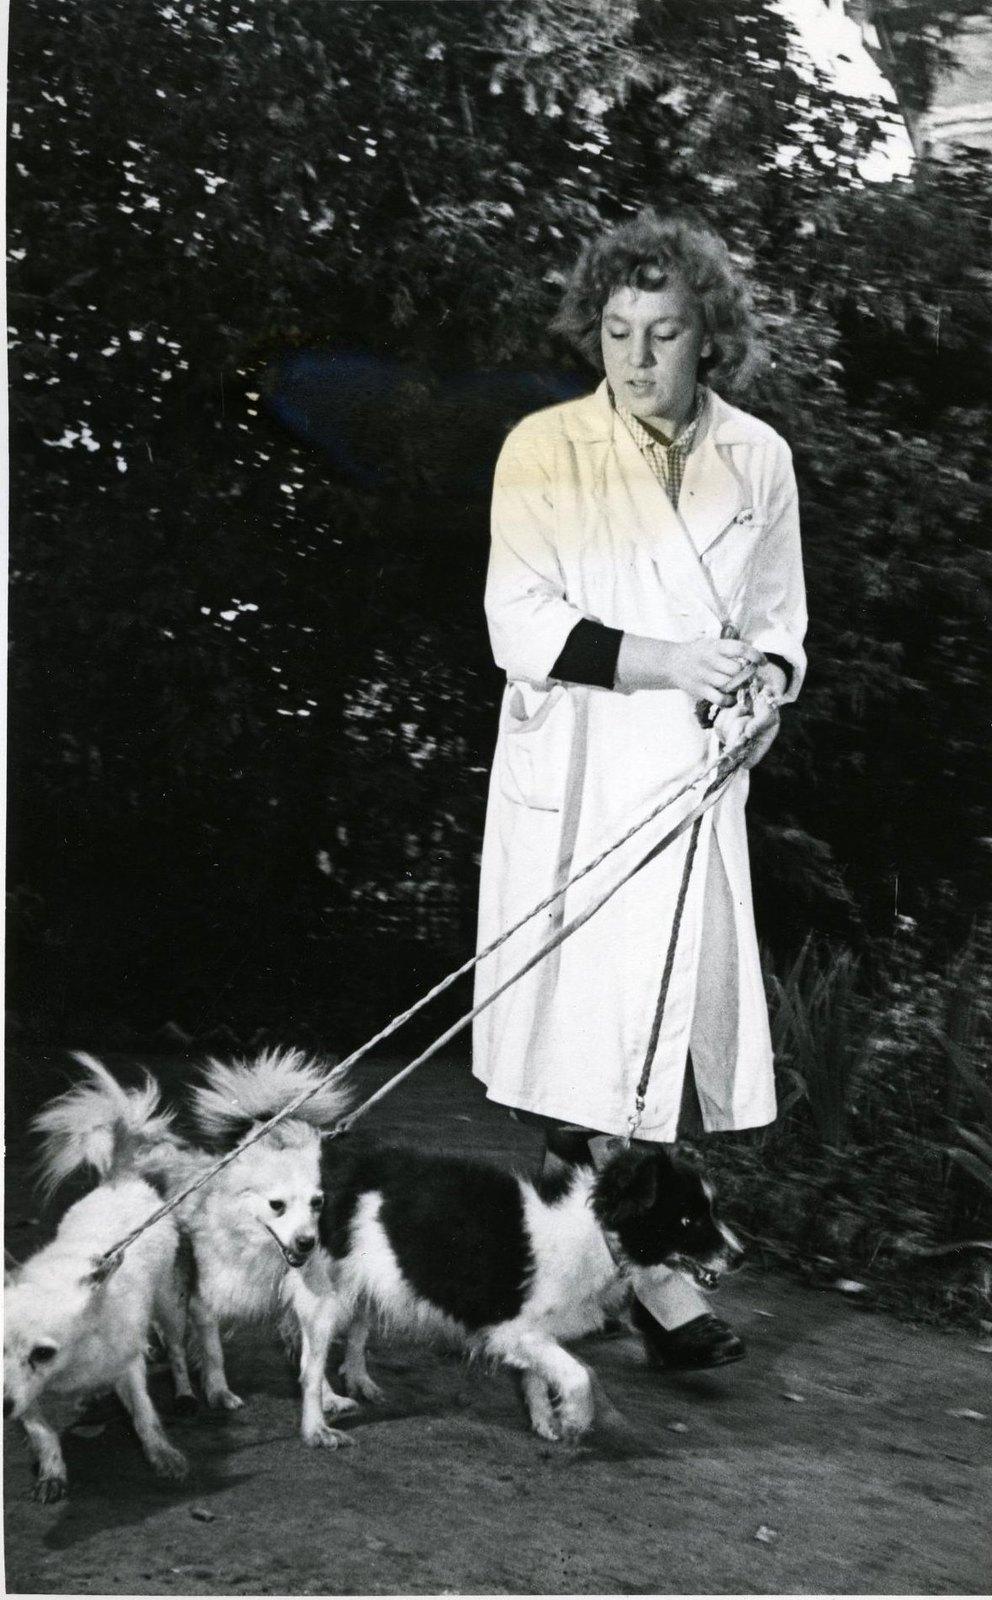 1958. Собаки Дымка и Козявка на прогулке в саду близ лаборатории. 25.09